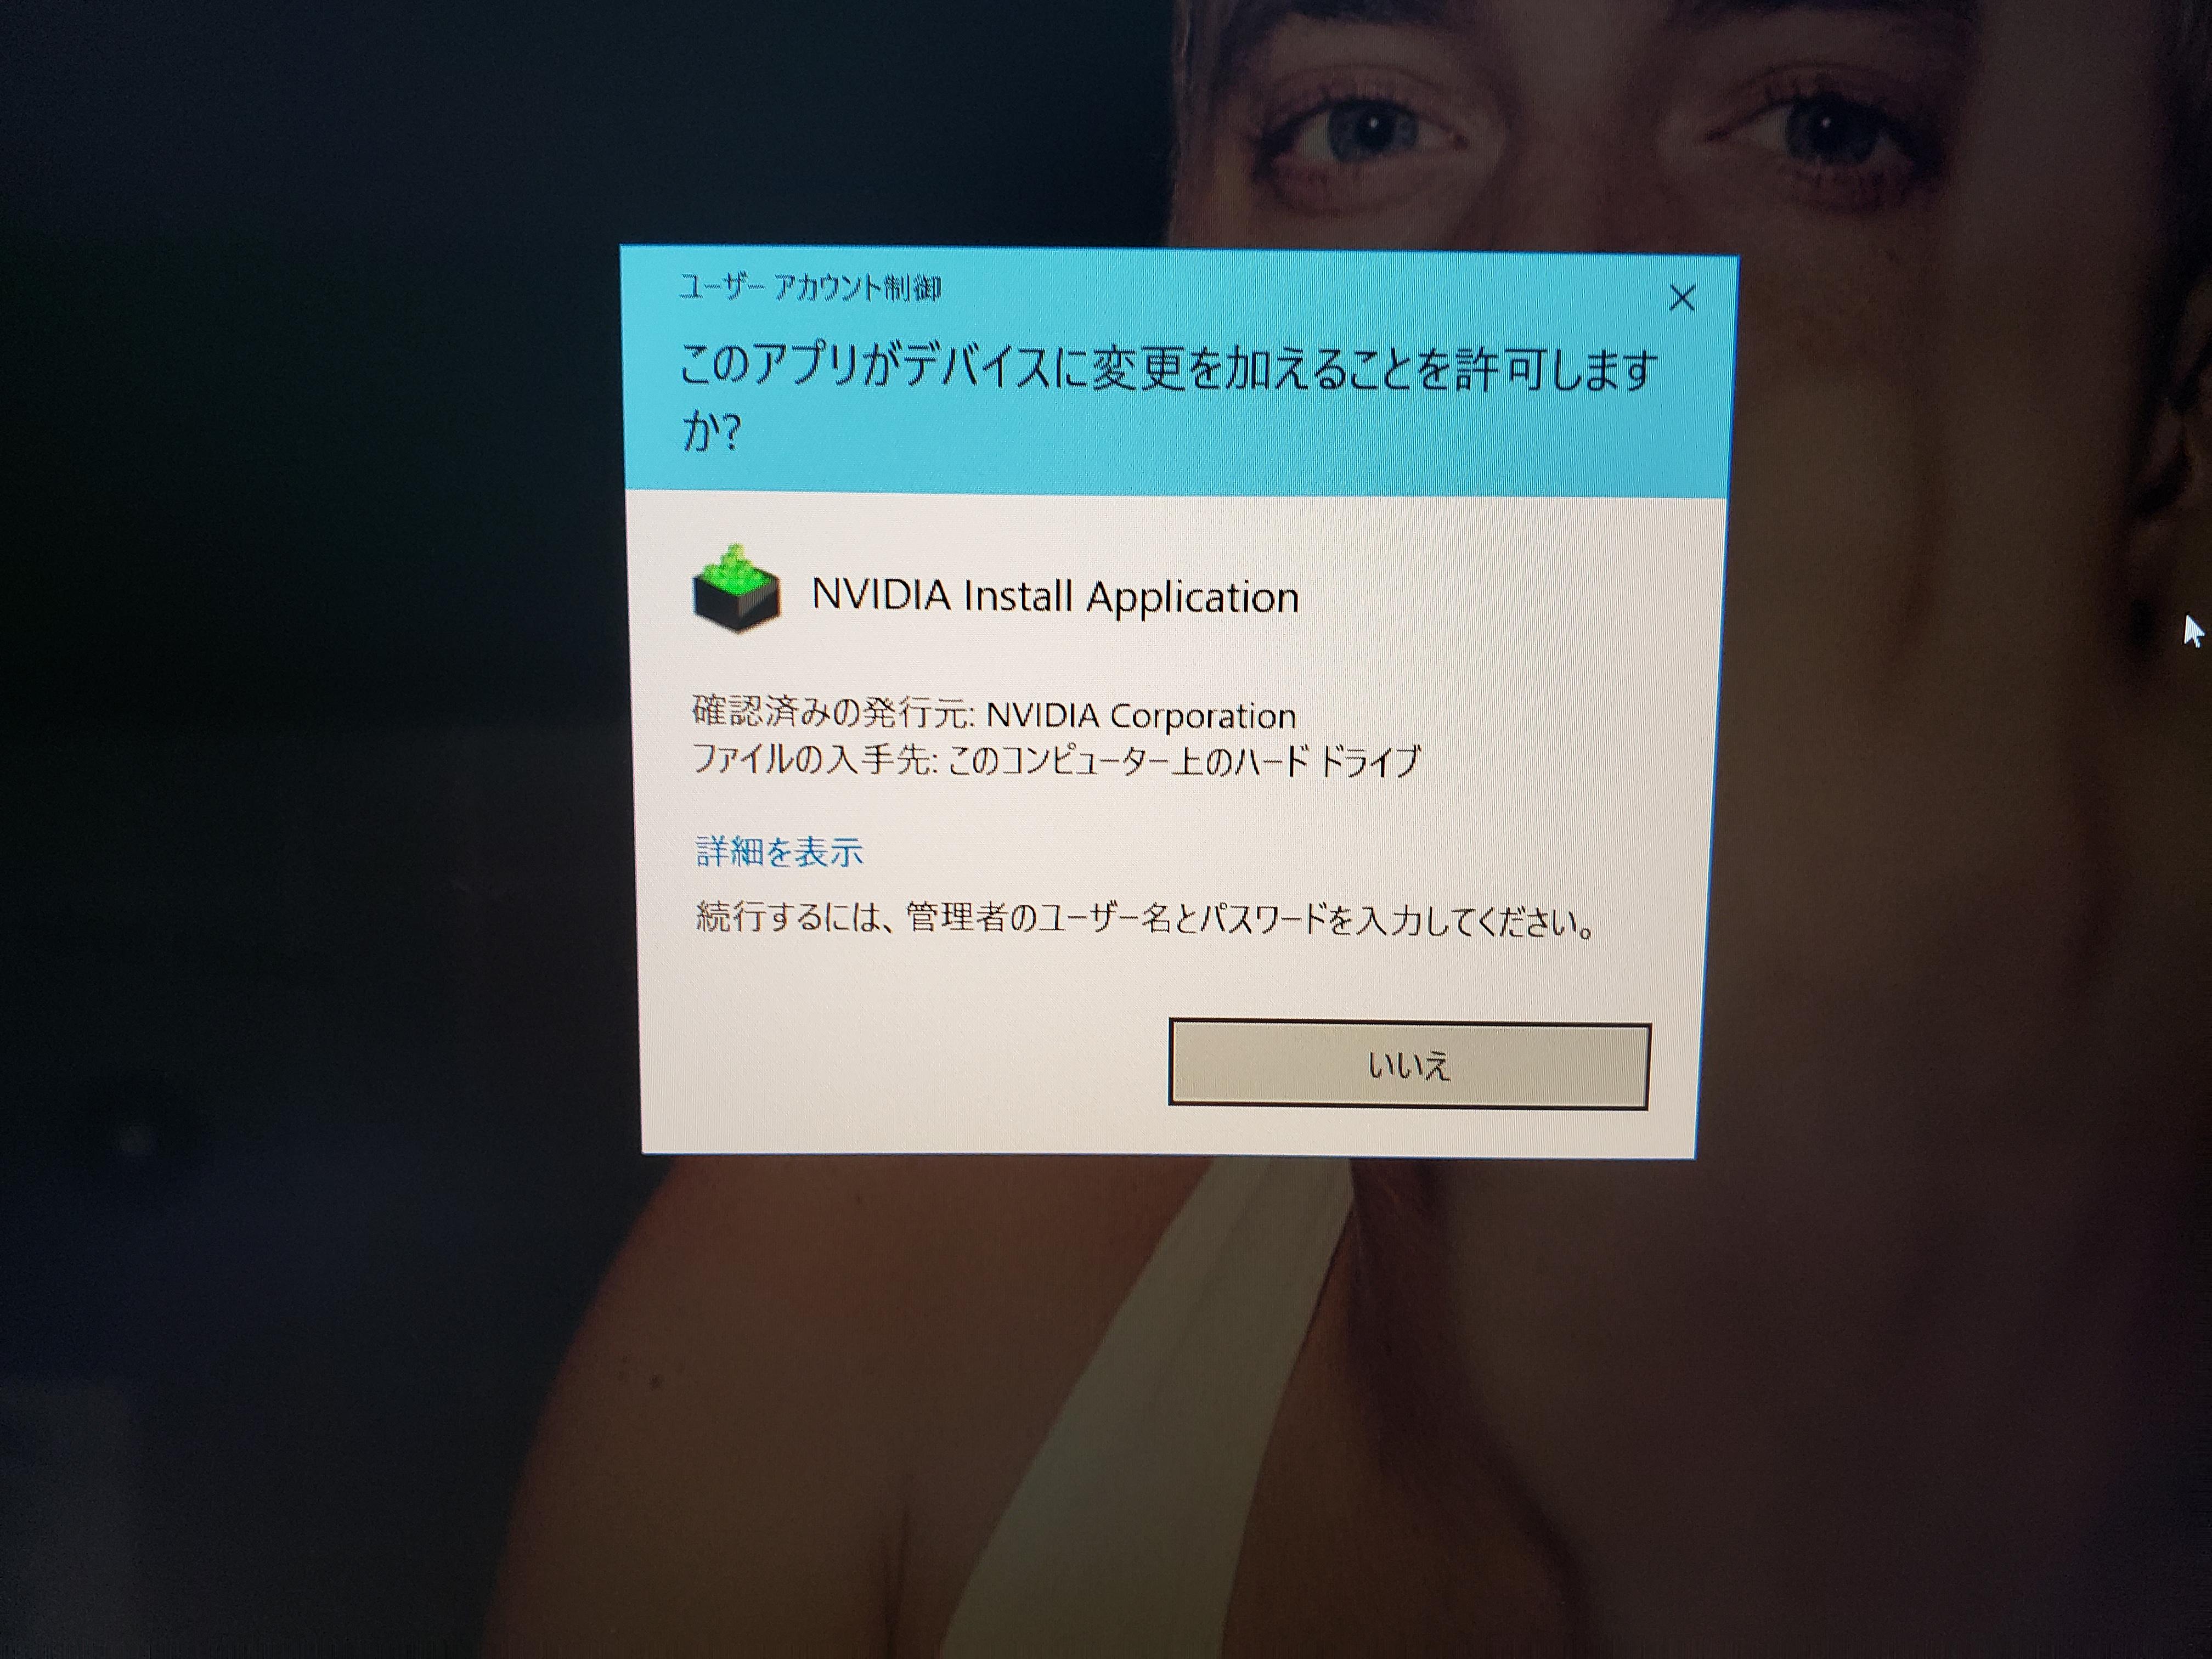 この アプリ が デバイス に 変更 を 加える こと を 許可 し ます か